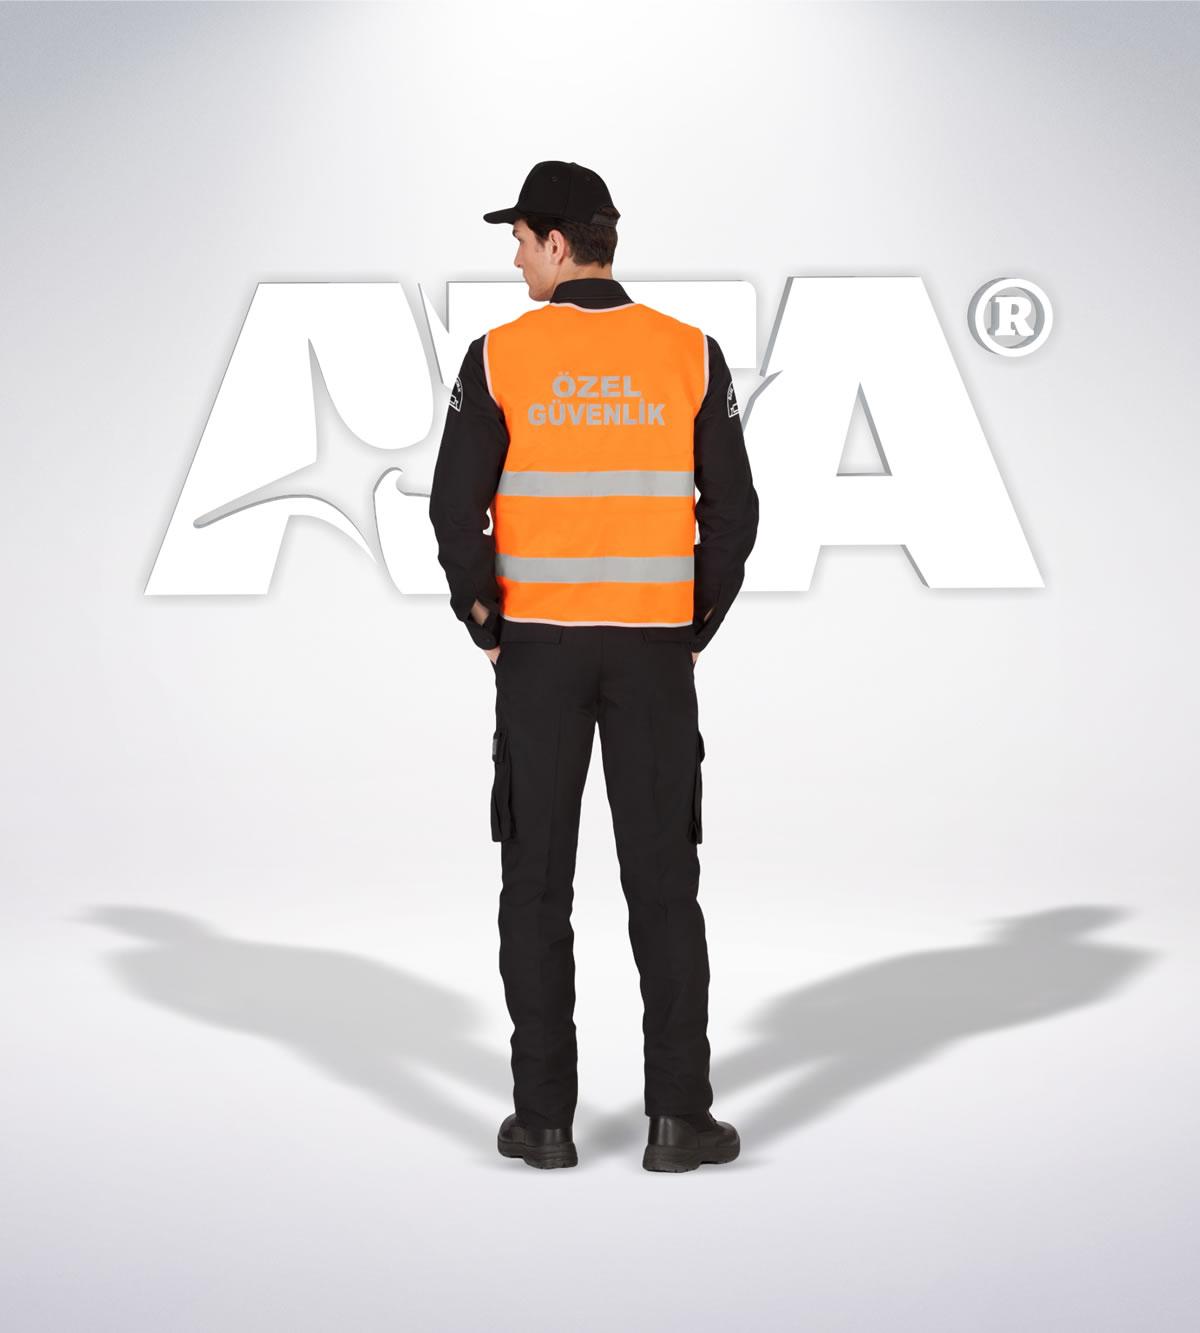 ATA 151 - 5188 özel güvenlik yelek - güvenlik elbiseleri | güvenlik üniformaları | güvenlik kıyafetleri